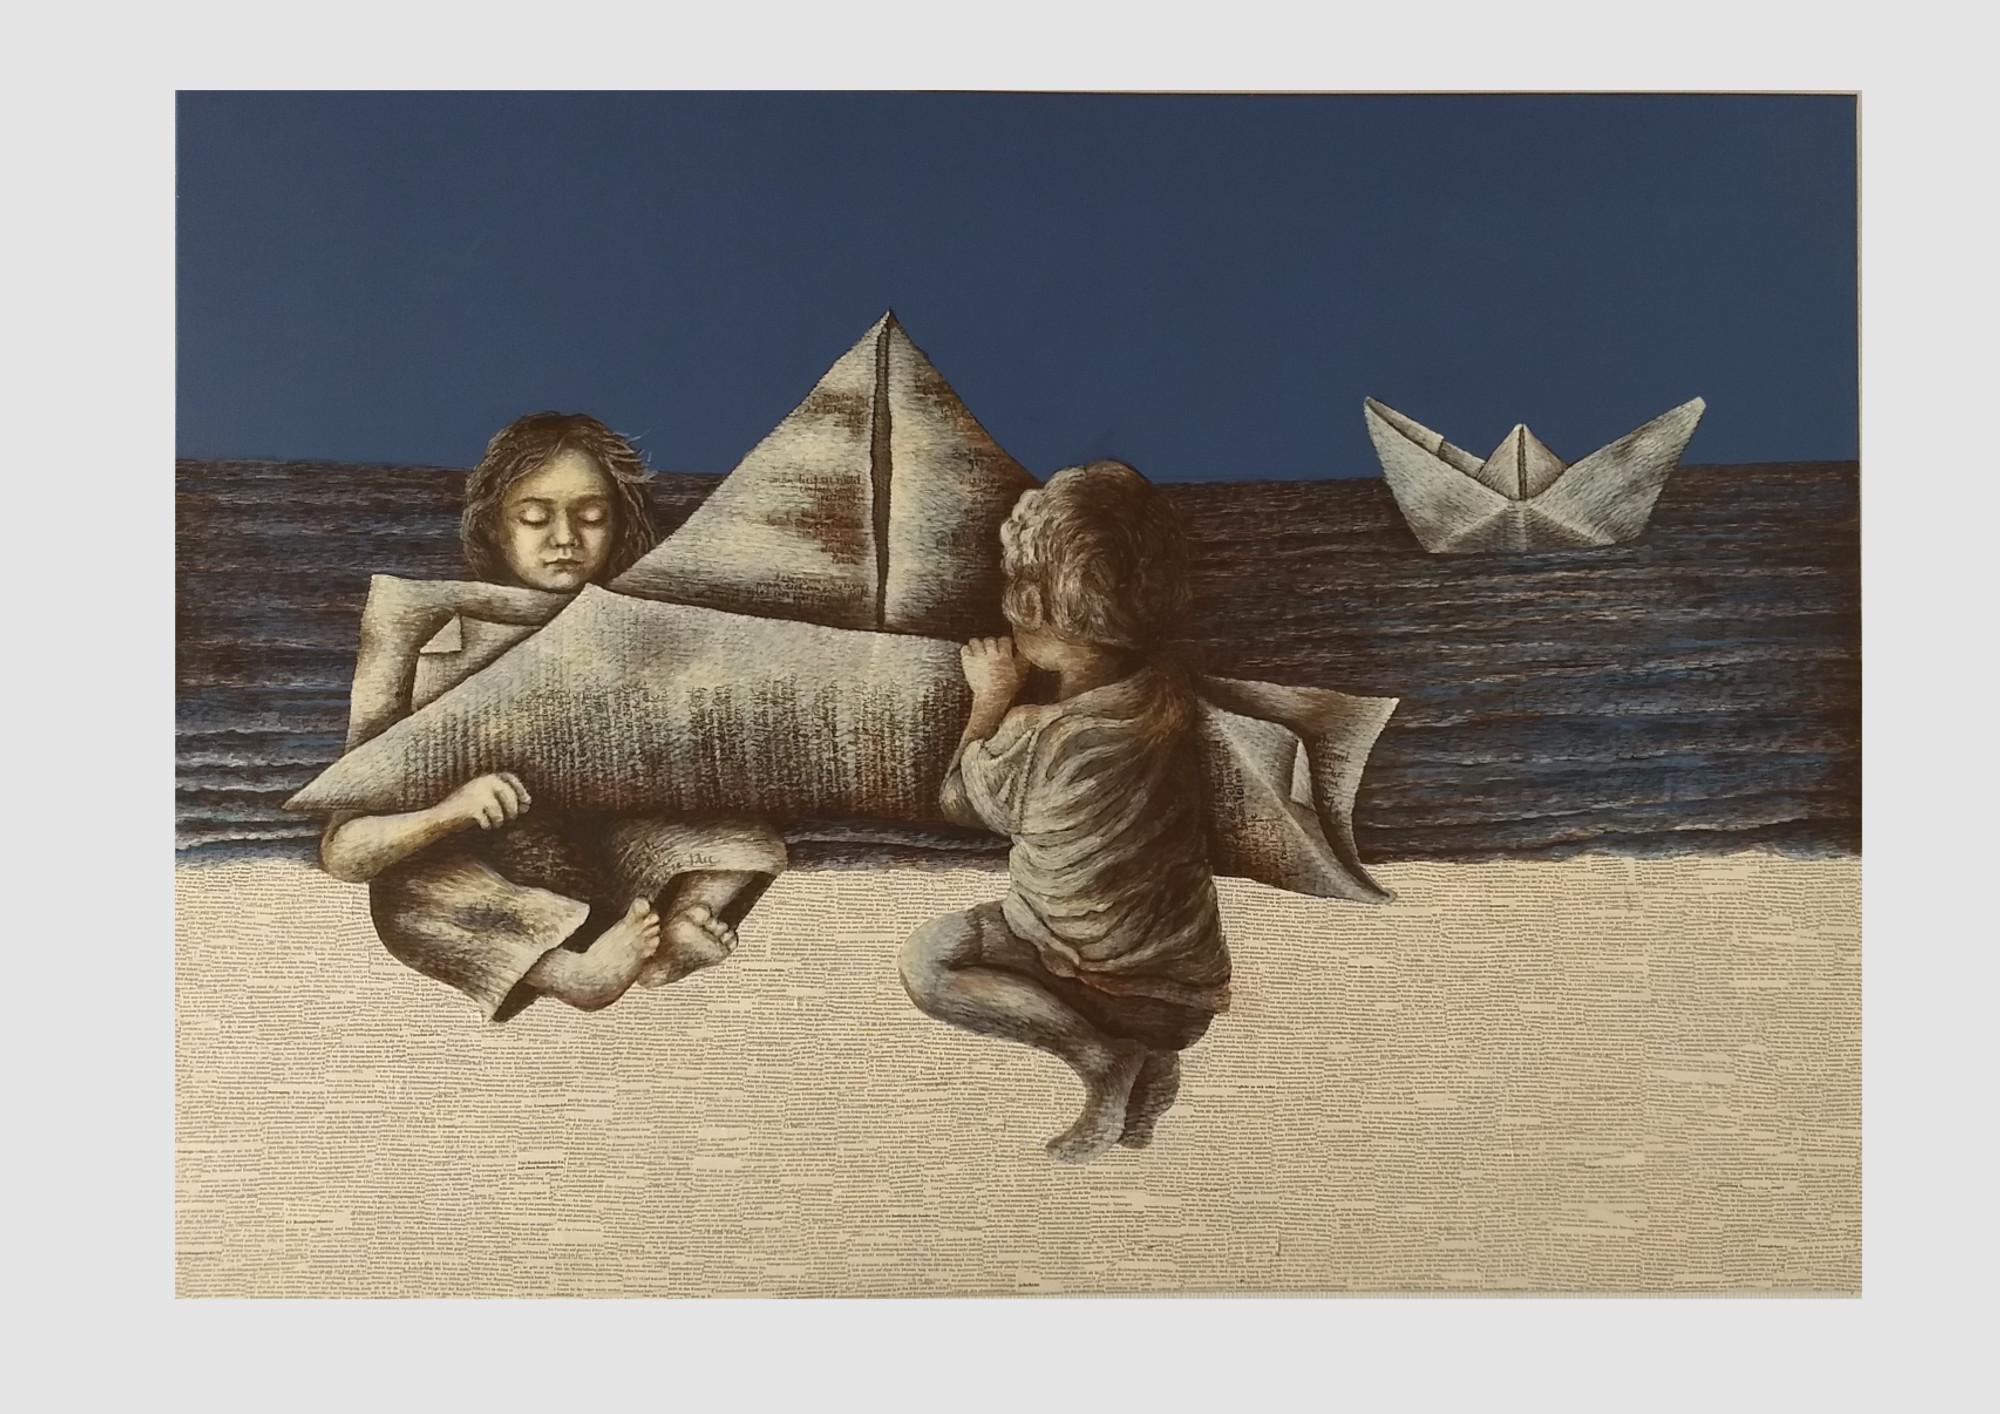 Bücher sind Schiffe, welche die weiten Meere der Zeit durcheilen. (Verulam Bacon) Zwei Bücherfreunde lesen ein Buch über Seefahrt. Book art Collage und Malerei.